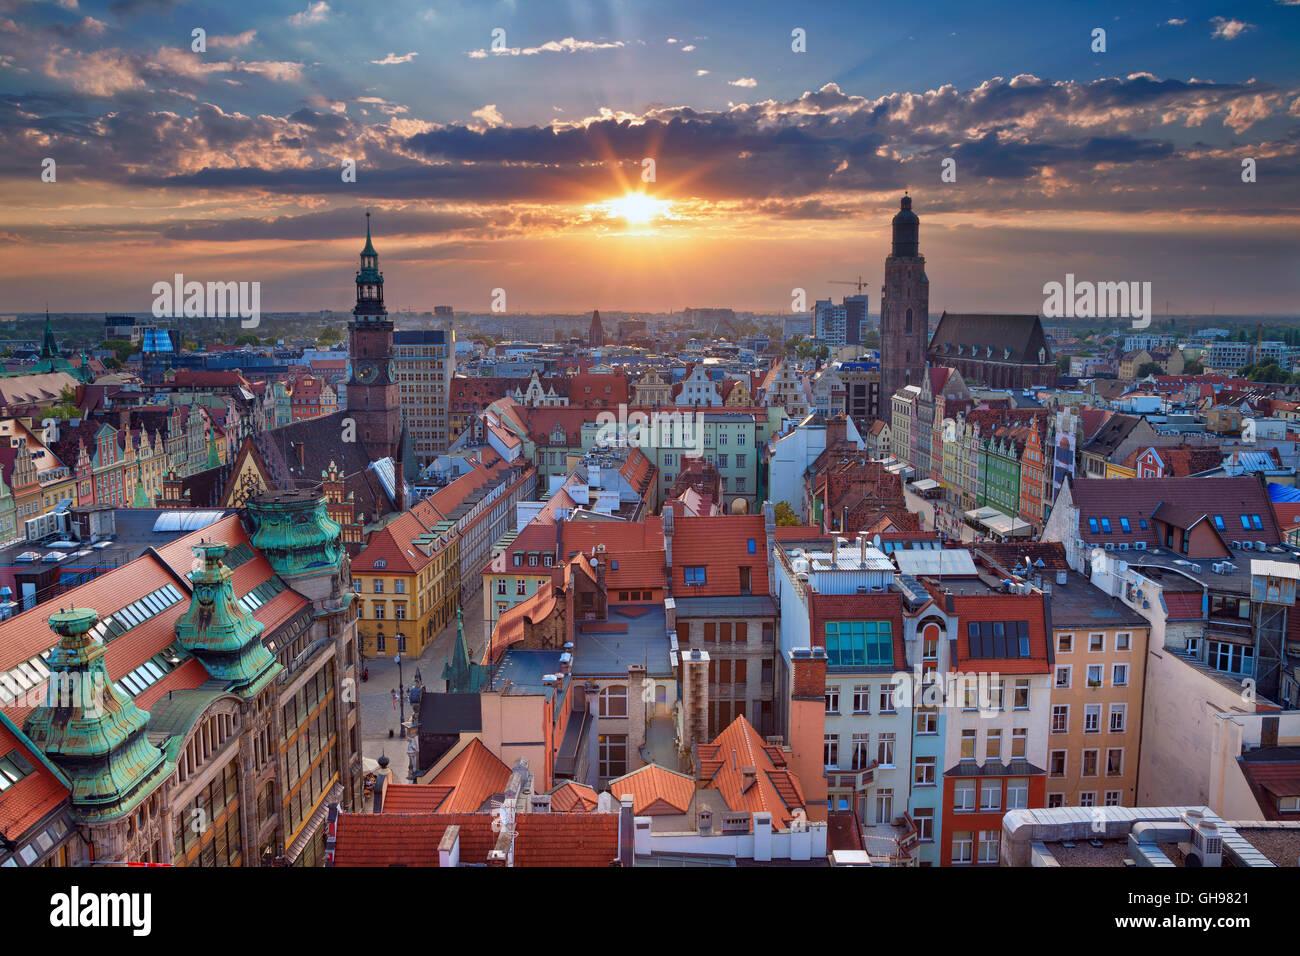 Wroclaw. immagine di Wroclaw, Polonia durante il periodo estivo il tramonto. Immagini Stock